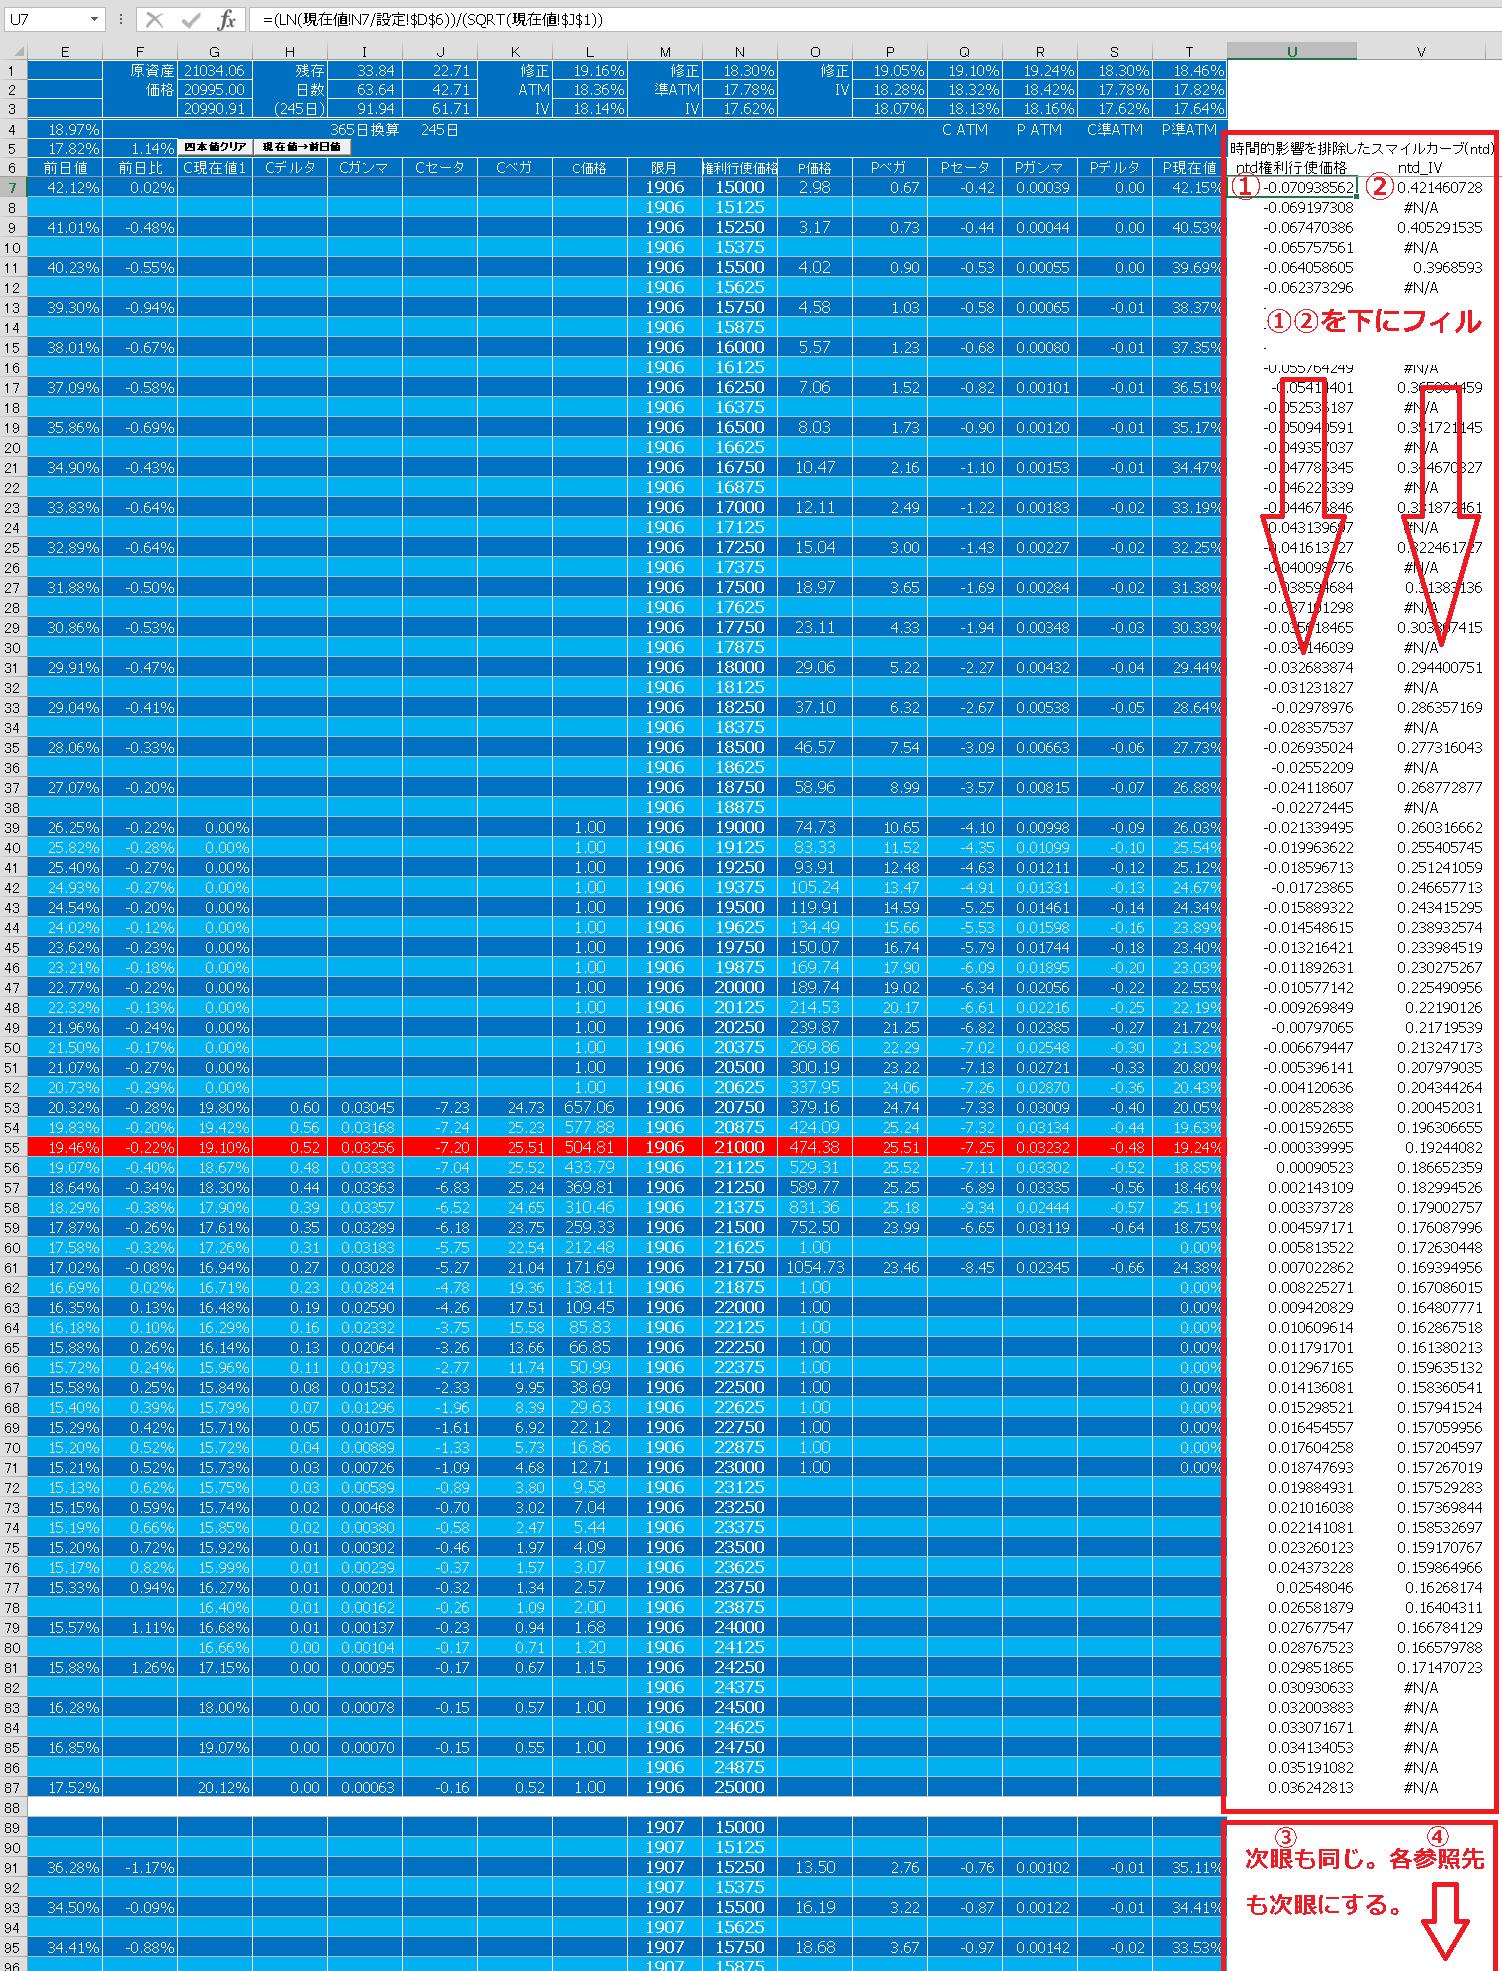 sc0.64.rd1906sq2(ntd仕様)